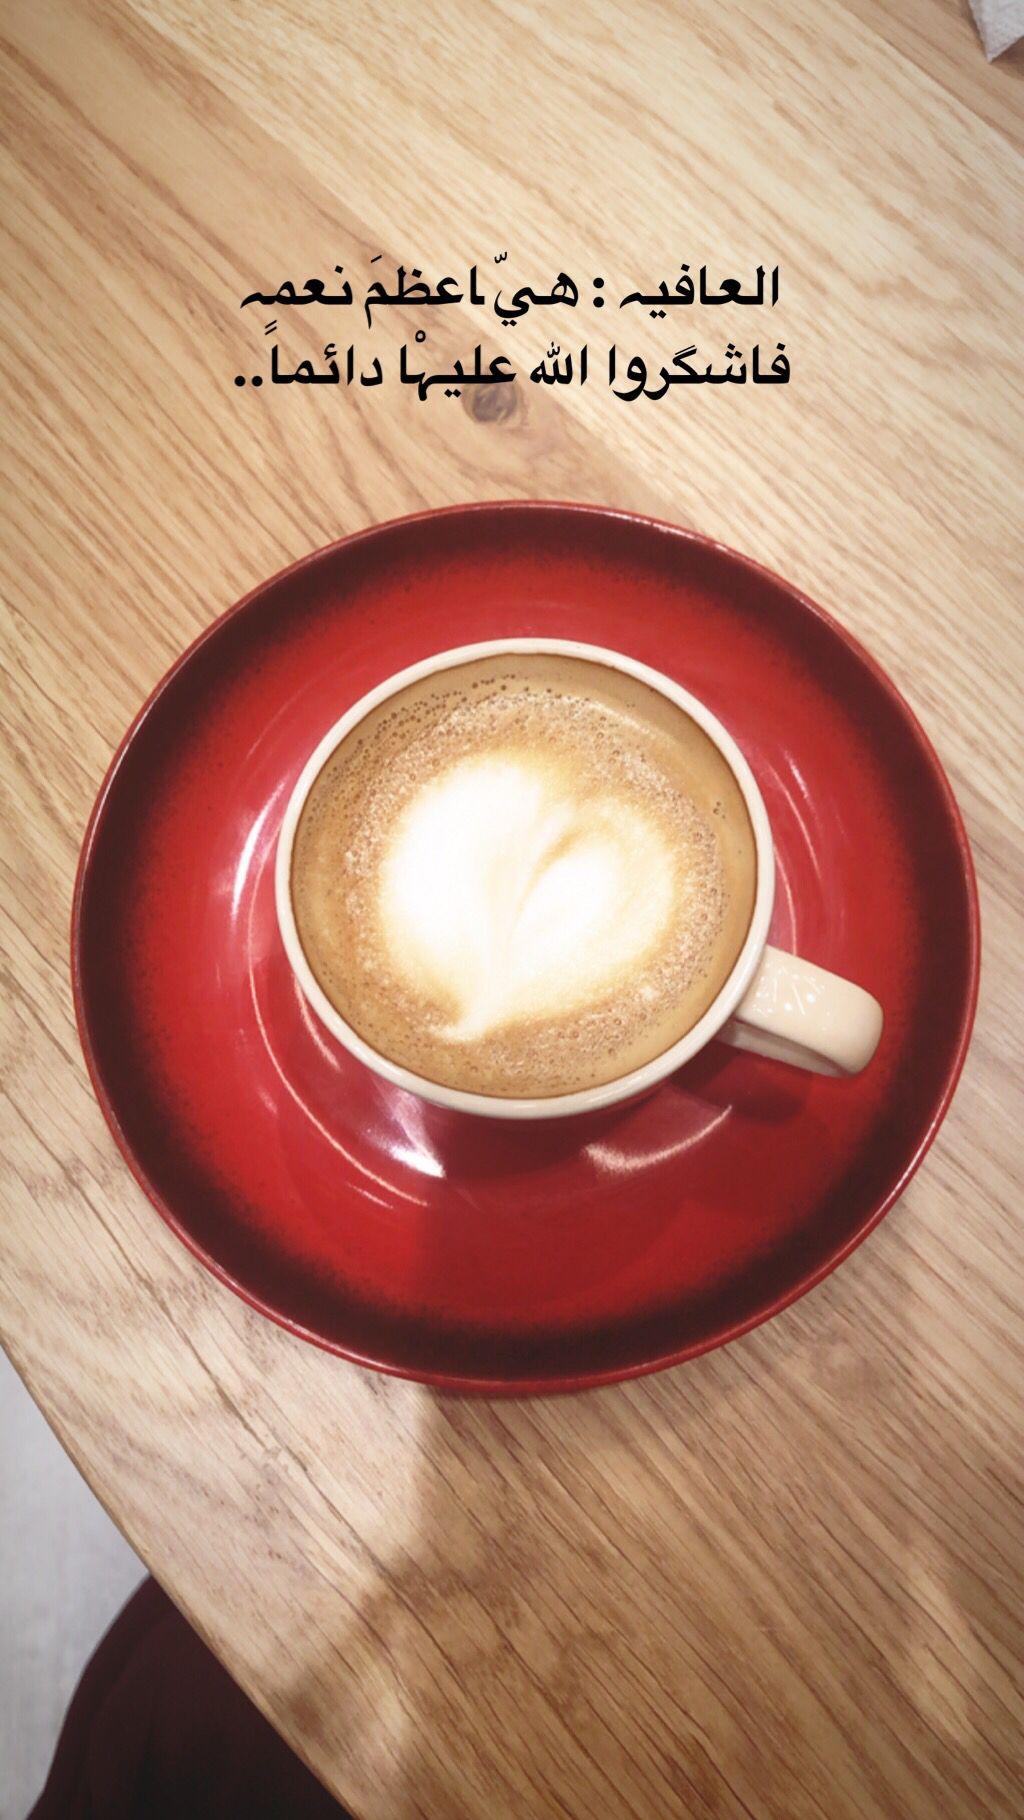 قهوة مساء الخير تصميم تصويري افكار خواطر اقتباسات كوفي صور رمزيات Photography Home Cafe Ideas I Coffee Cup Images Coffee Lover Coffee Drinks